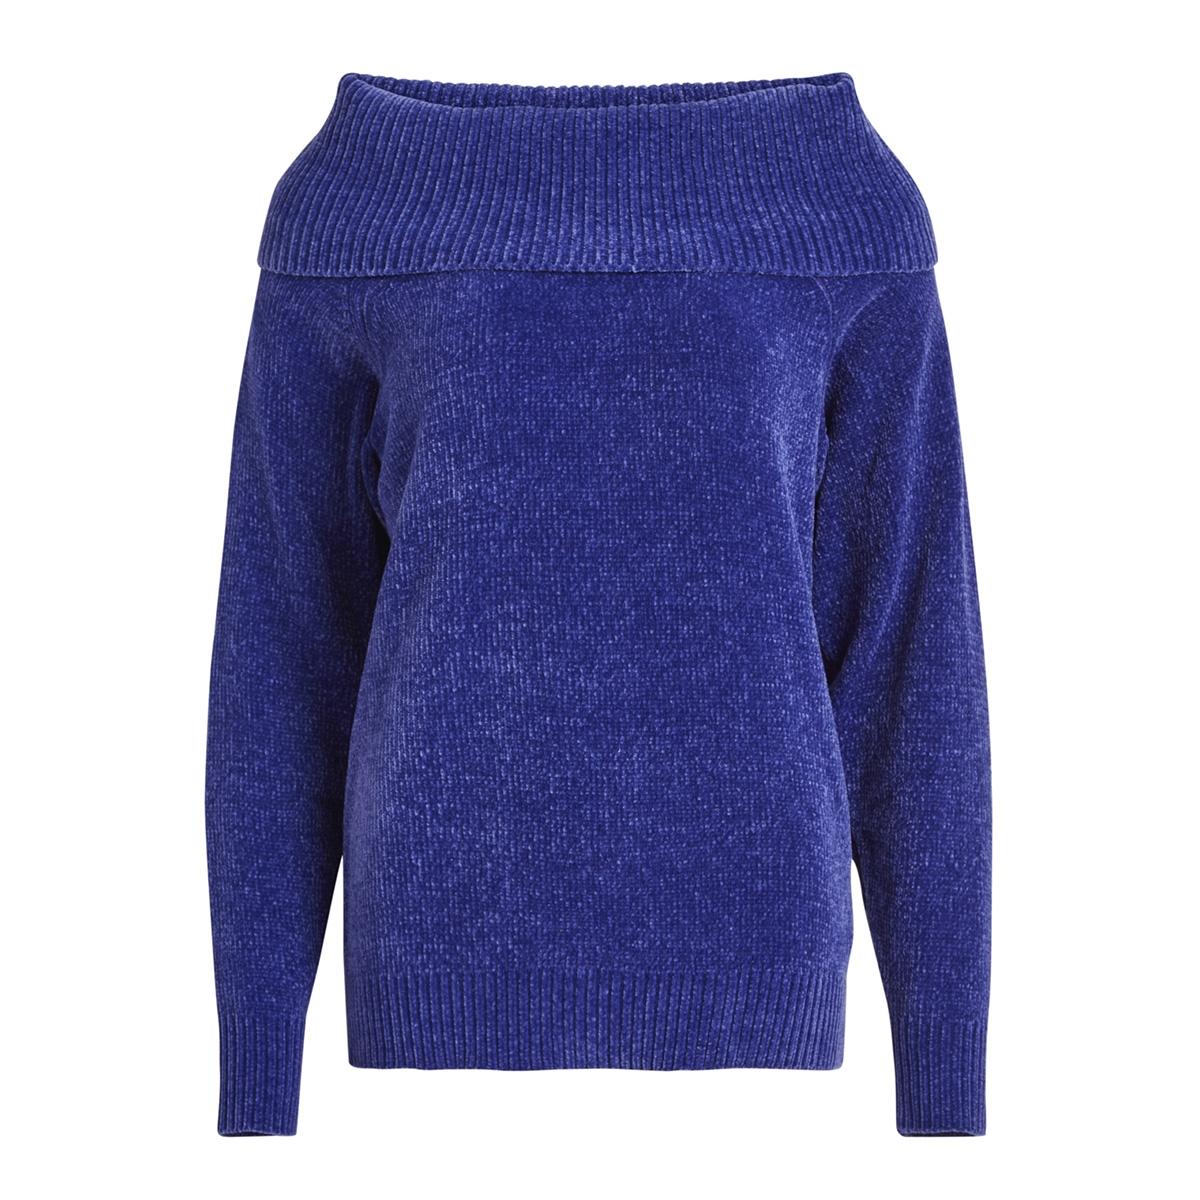 vichenni knit cowlneck l/s top 14048718 vila trui clematis blue